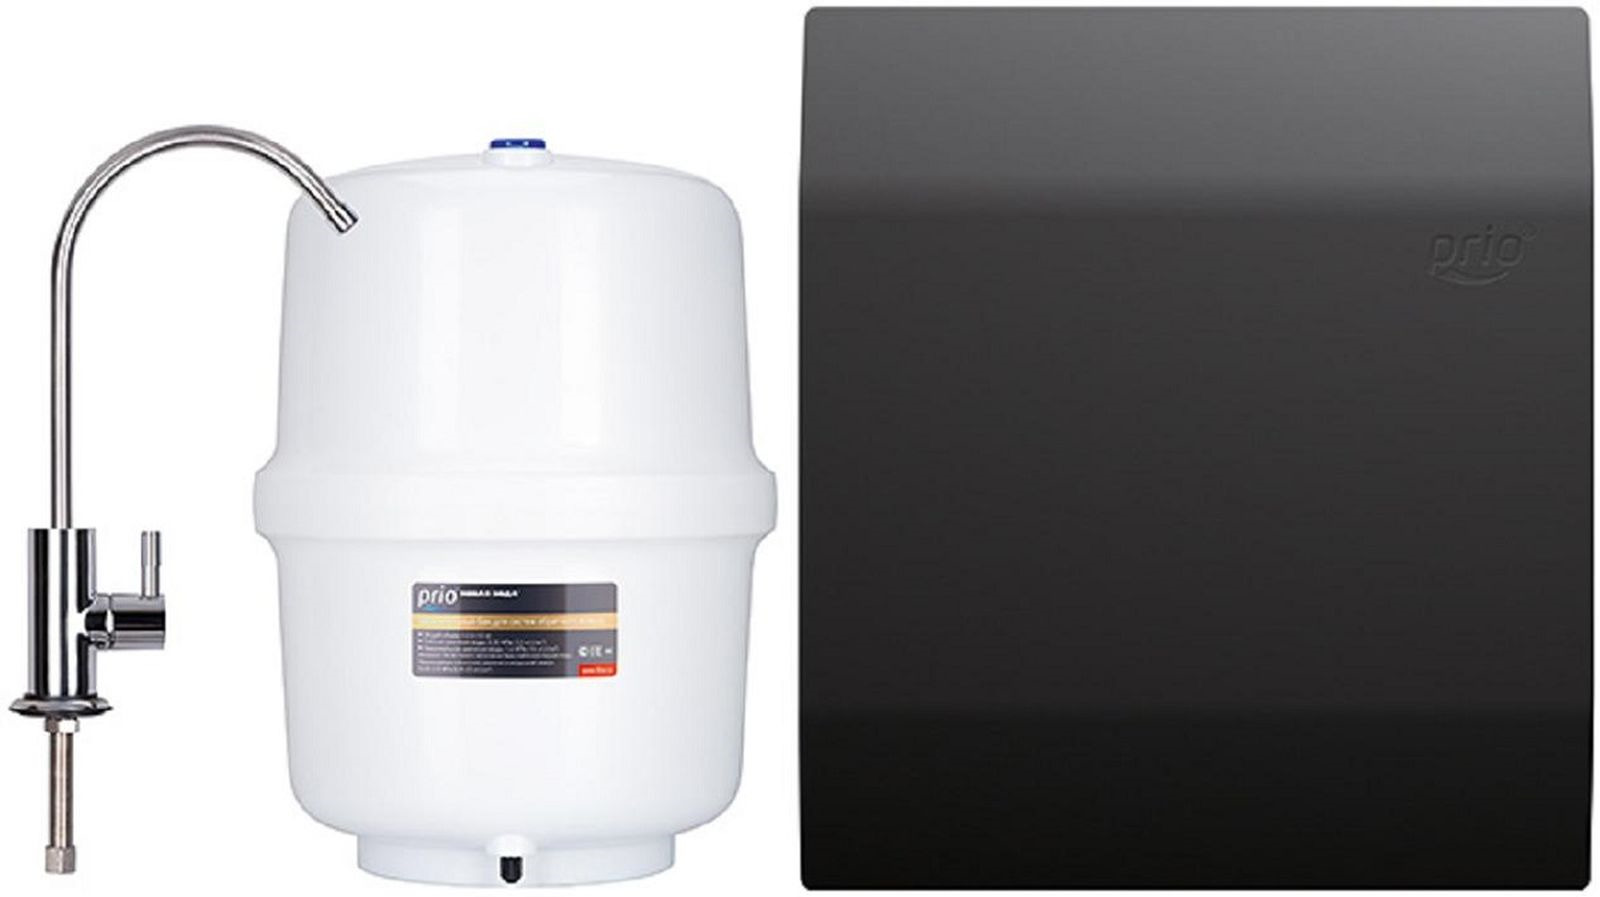 лучшая цена Система обратного осмоса Prio Новая Вода Expert Osmos, MO510